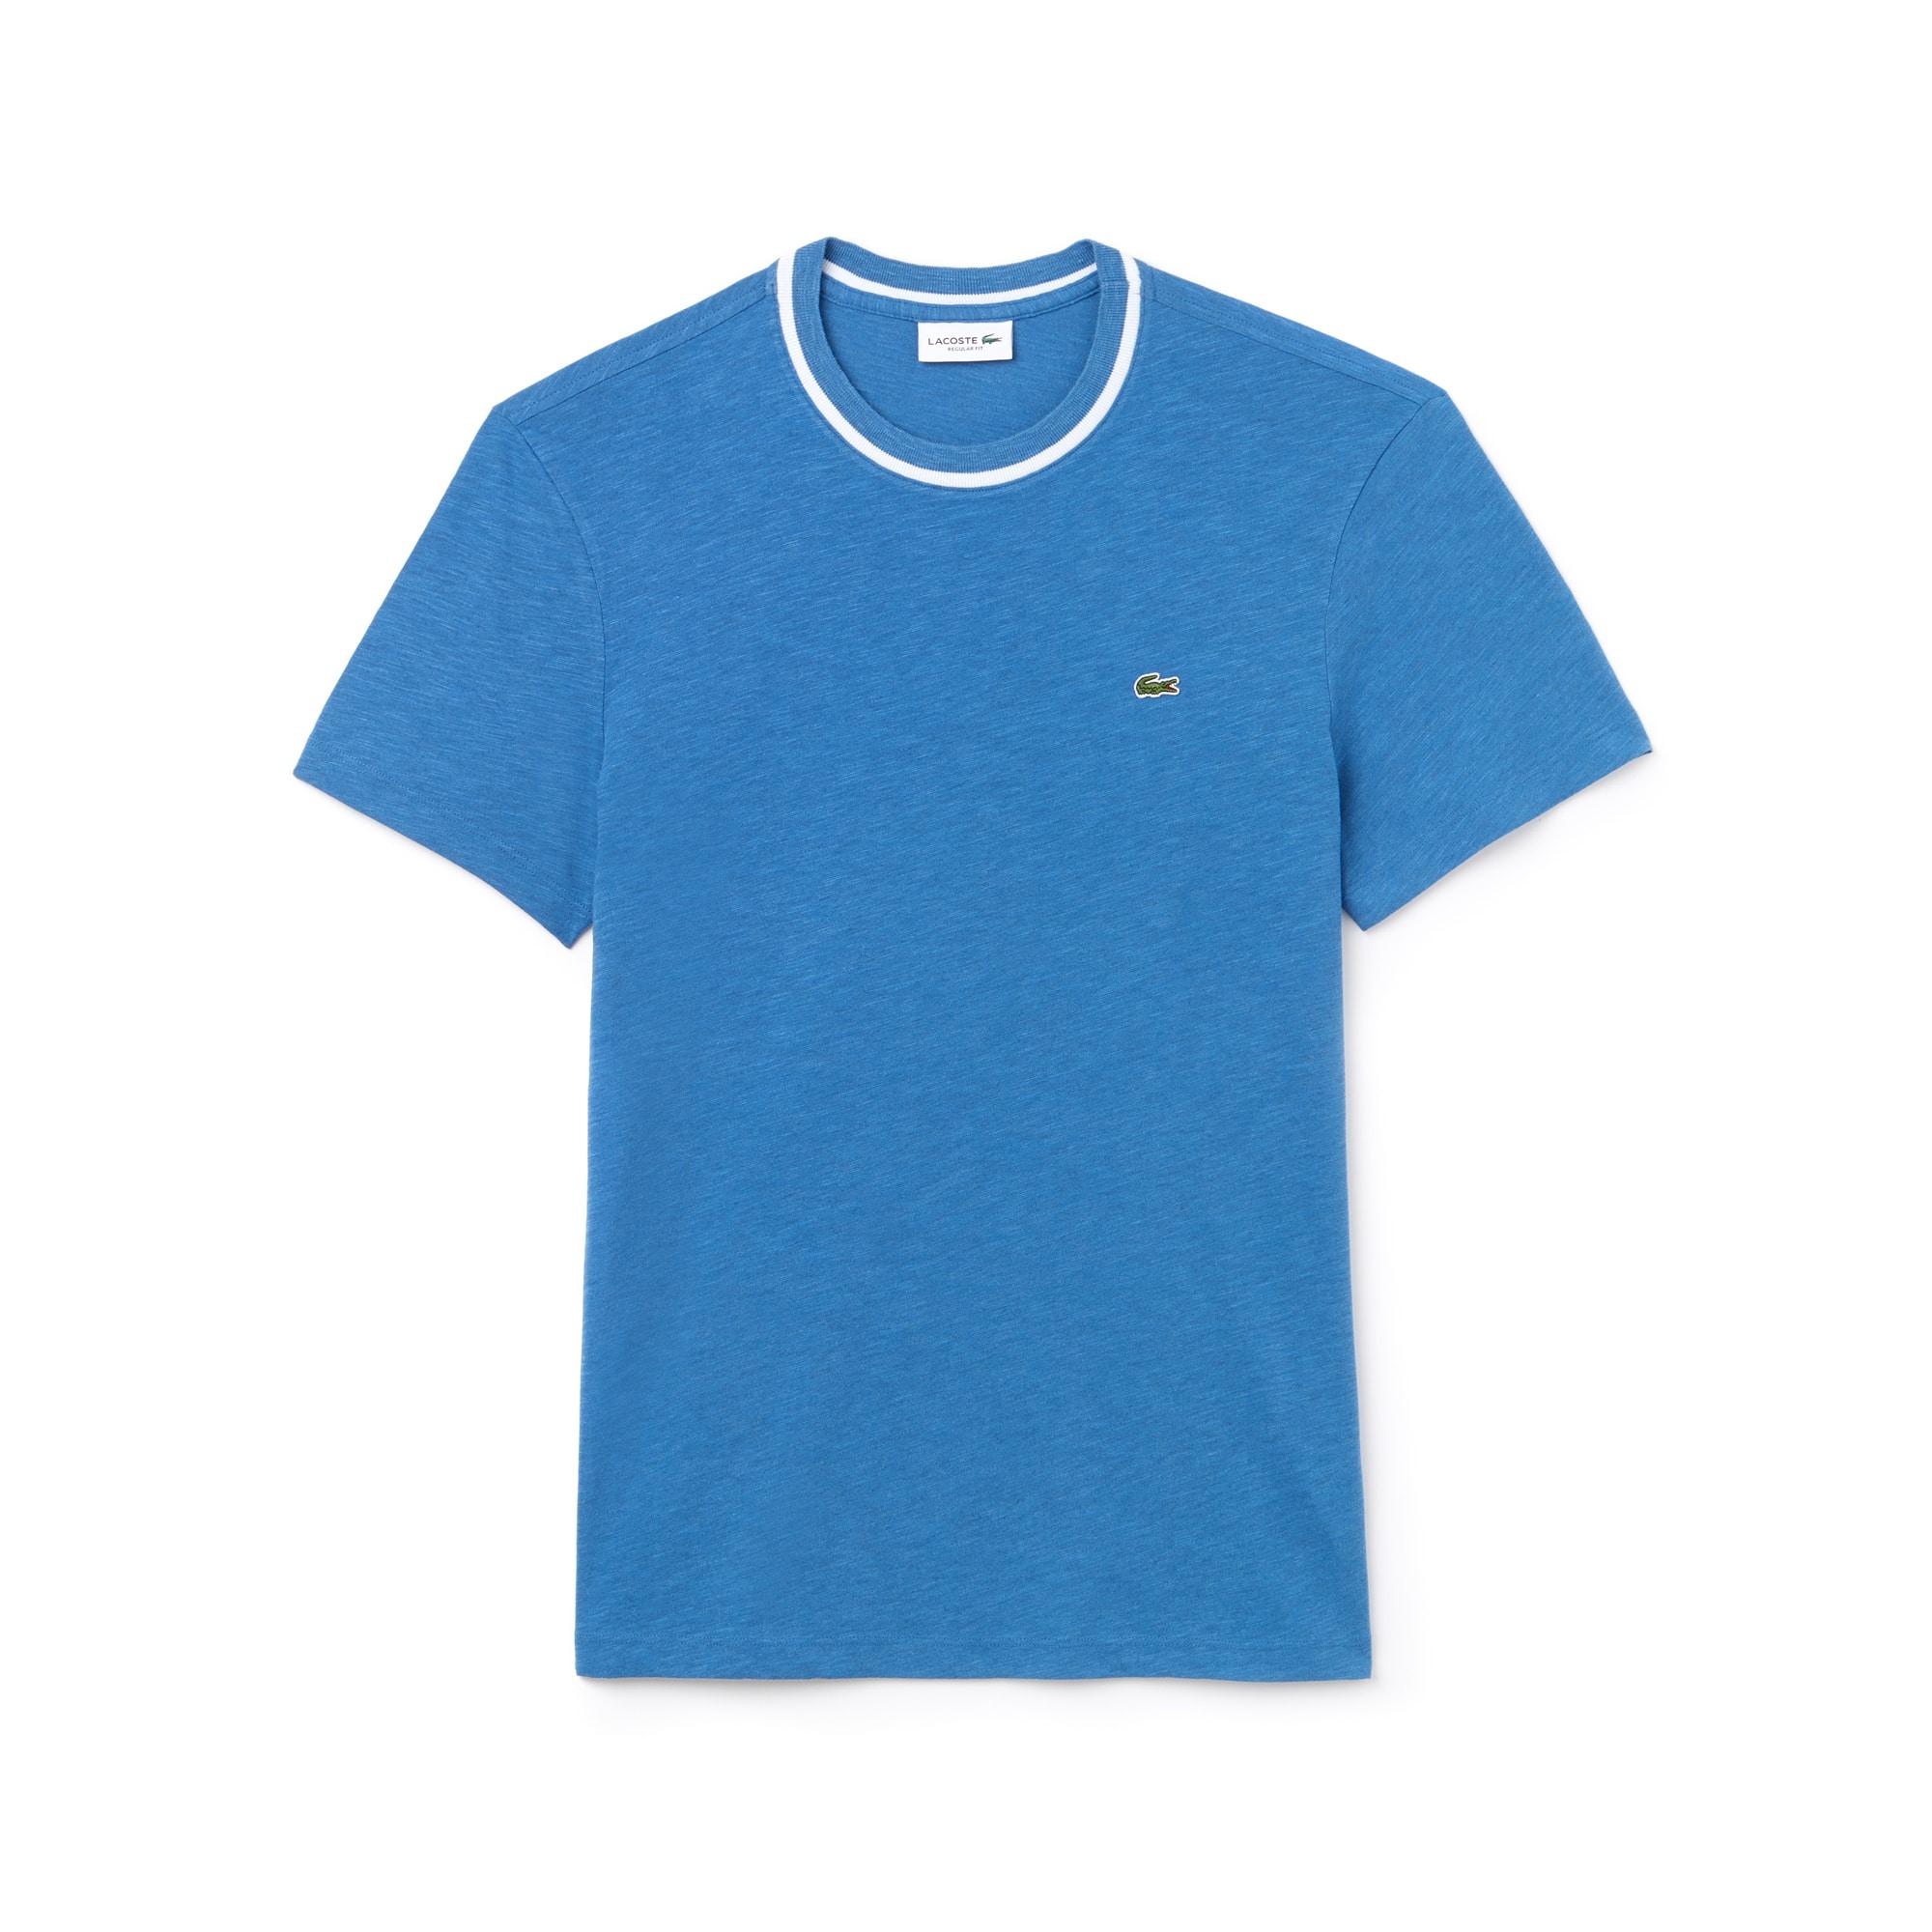 Herren-Rundhals-Shirt aus weichem Baumwolljersey